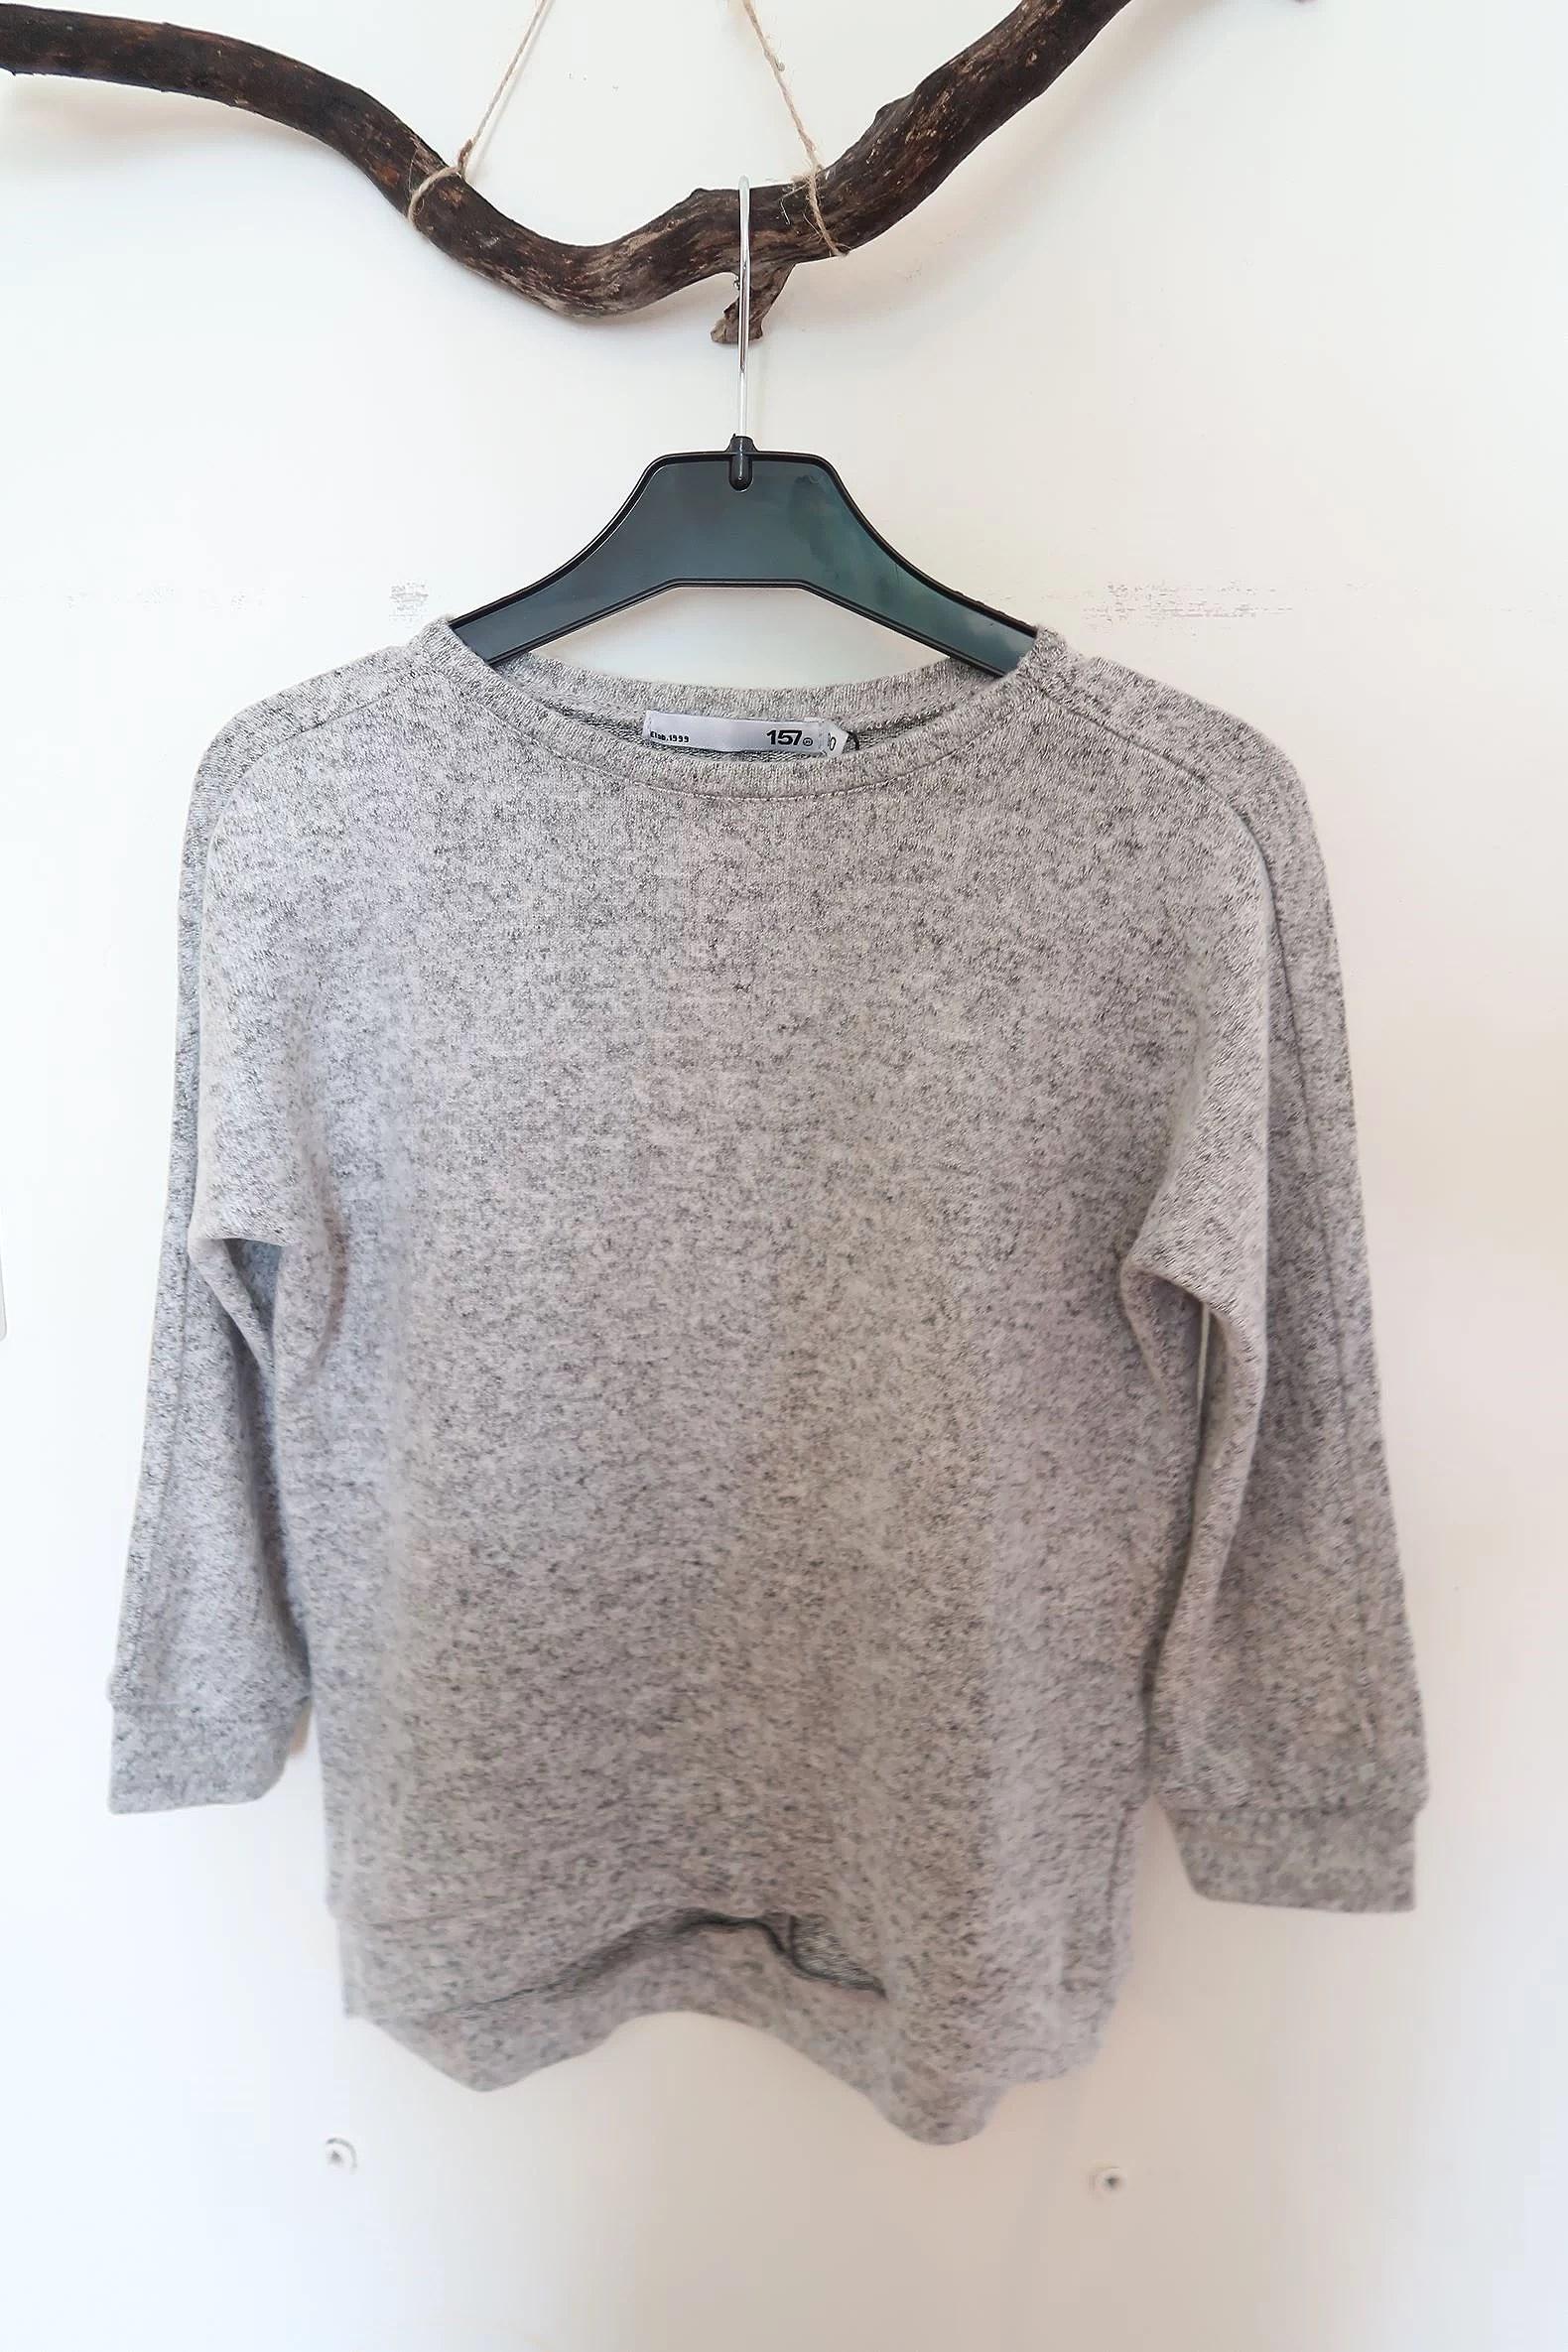 Superhärlig & mysig tröja från lager 157 för endast 20:-!